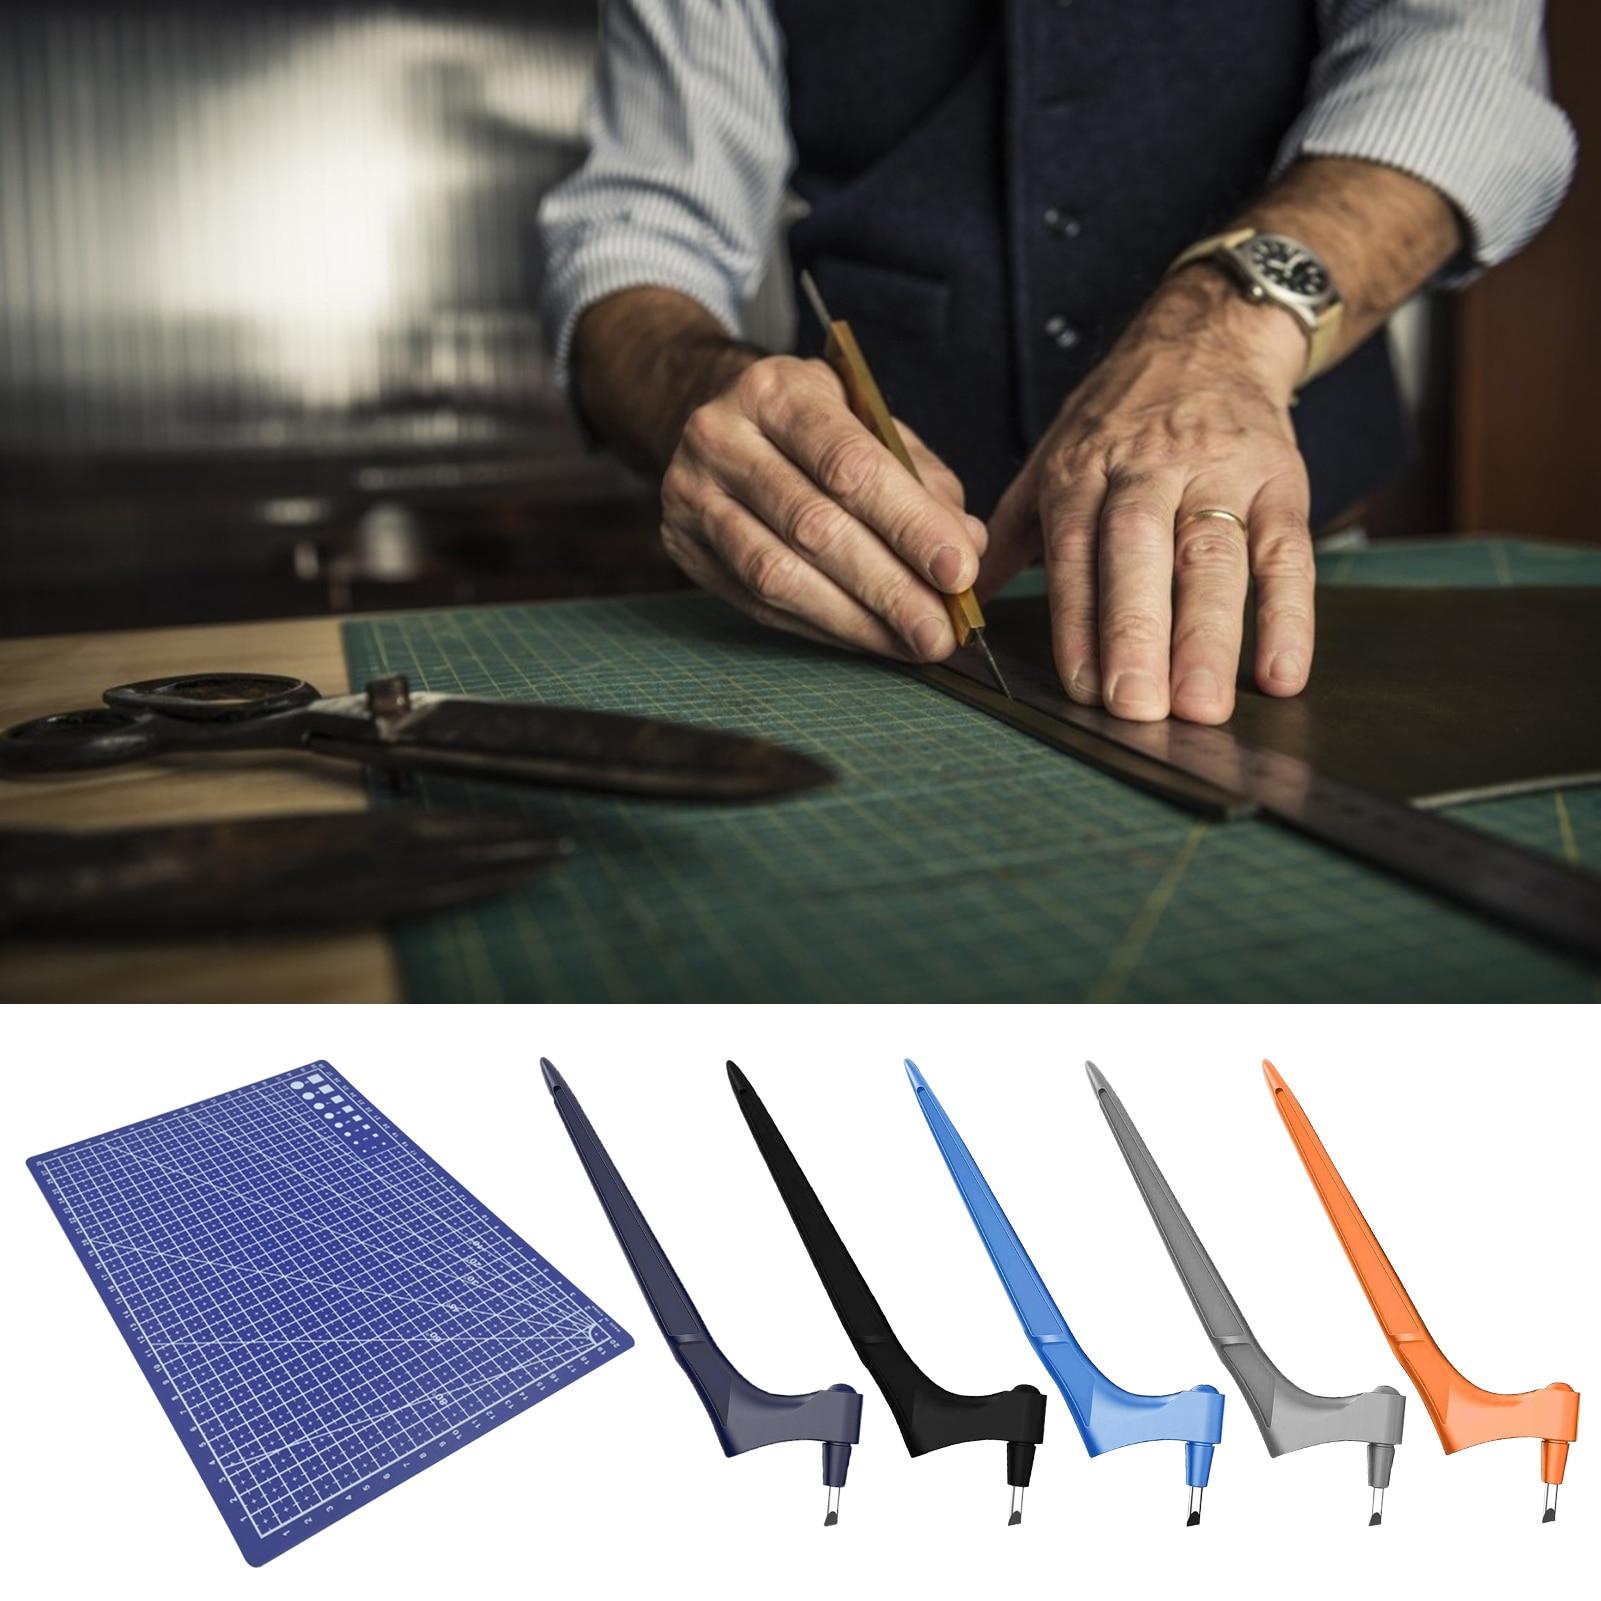 Арт режущего инструмента ремесленный резак 360 градусов вращение Нержавеющаясталь ручной гравировки Бумага режущий инструмент ручной иск...